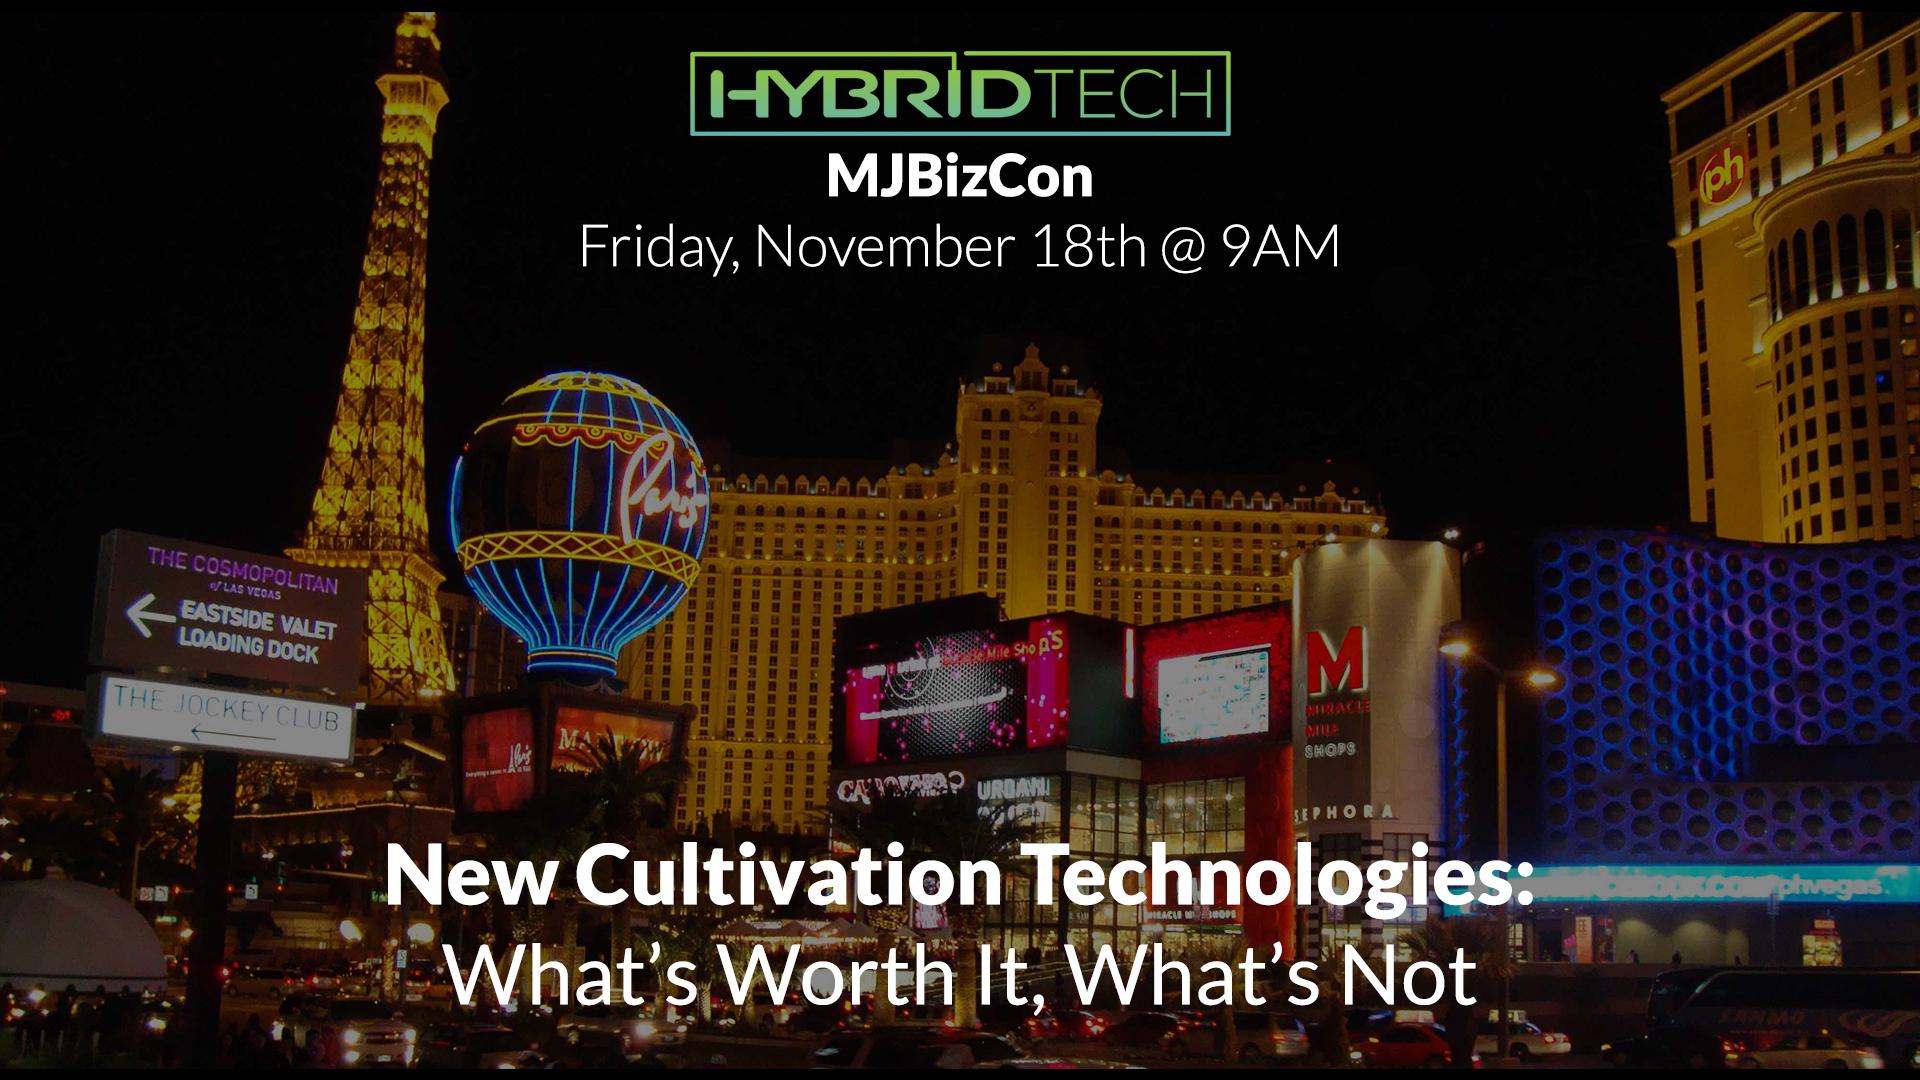 CEO Dan Gustafik to speak at MJBizCon Friday Nov 18